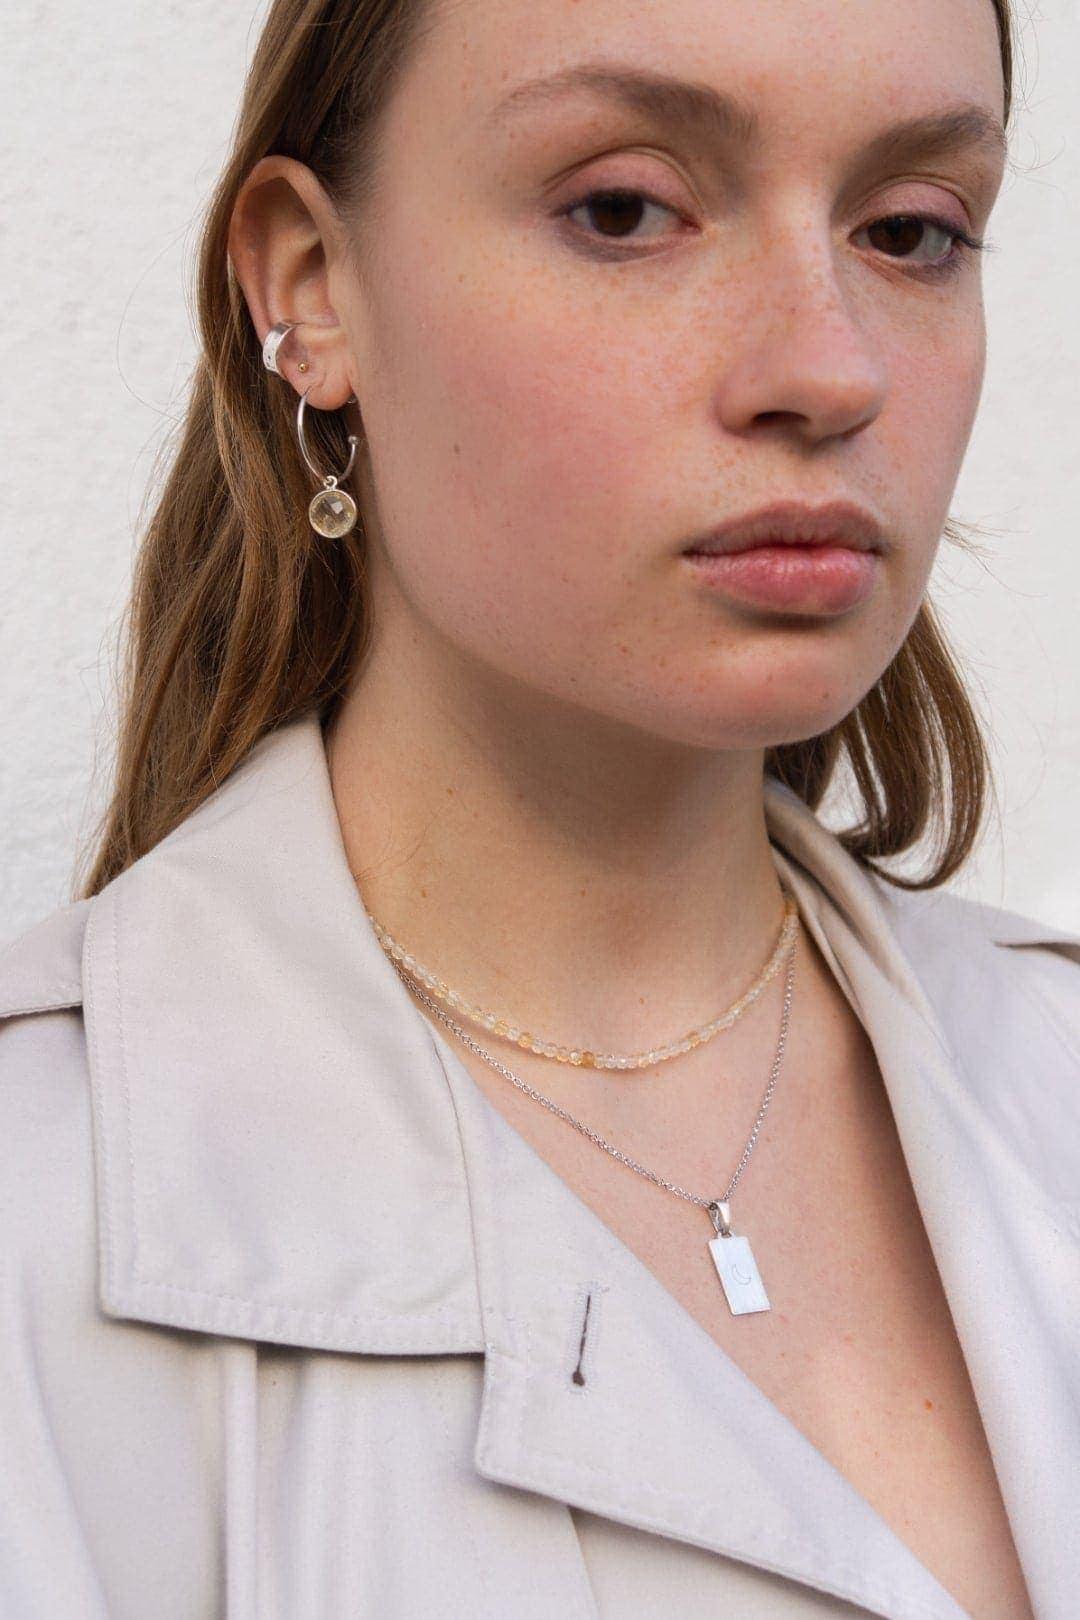 Modelka prezentuje na sobie srebrny naszyjnik z grawerem, żółty naszyjnik z cytrynem i kolczyki koła z zawieszką.